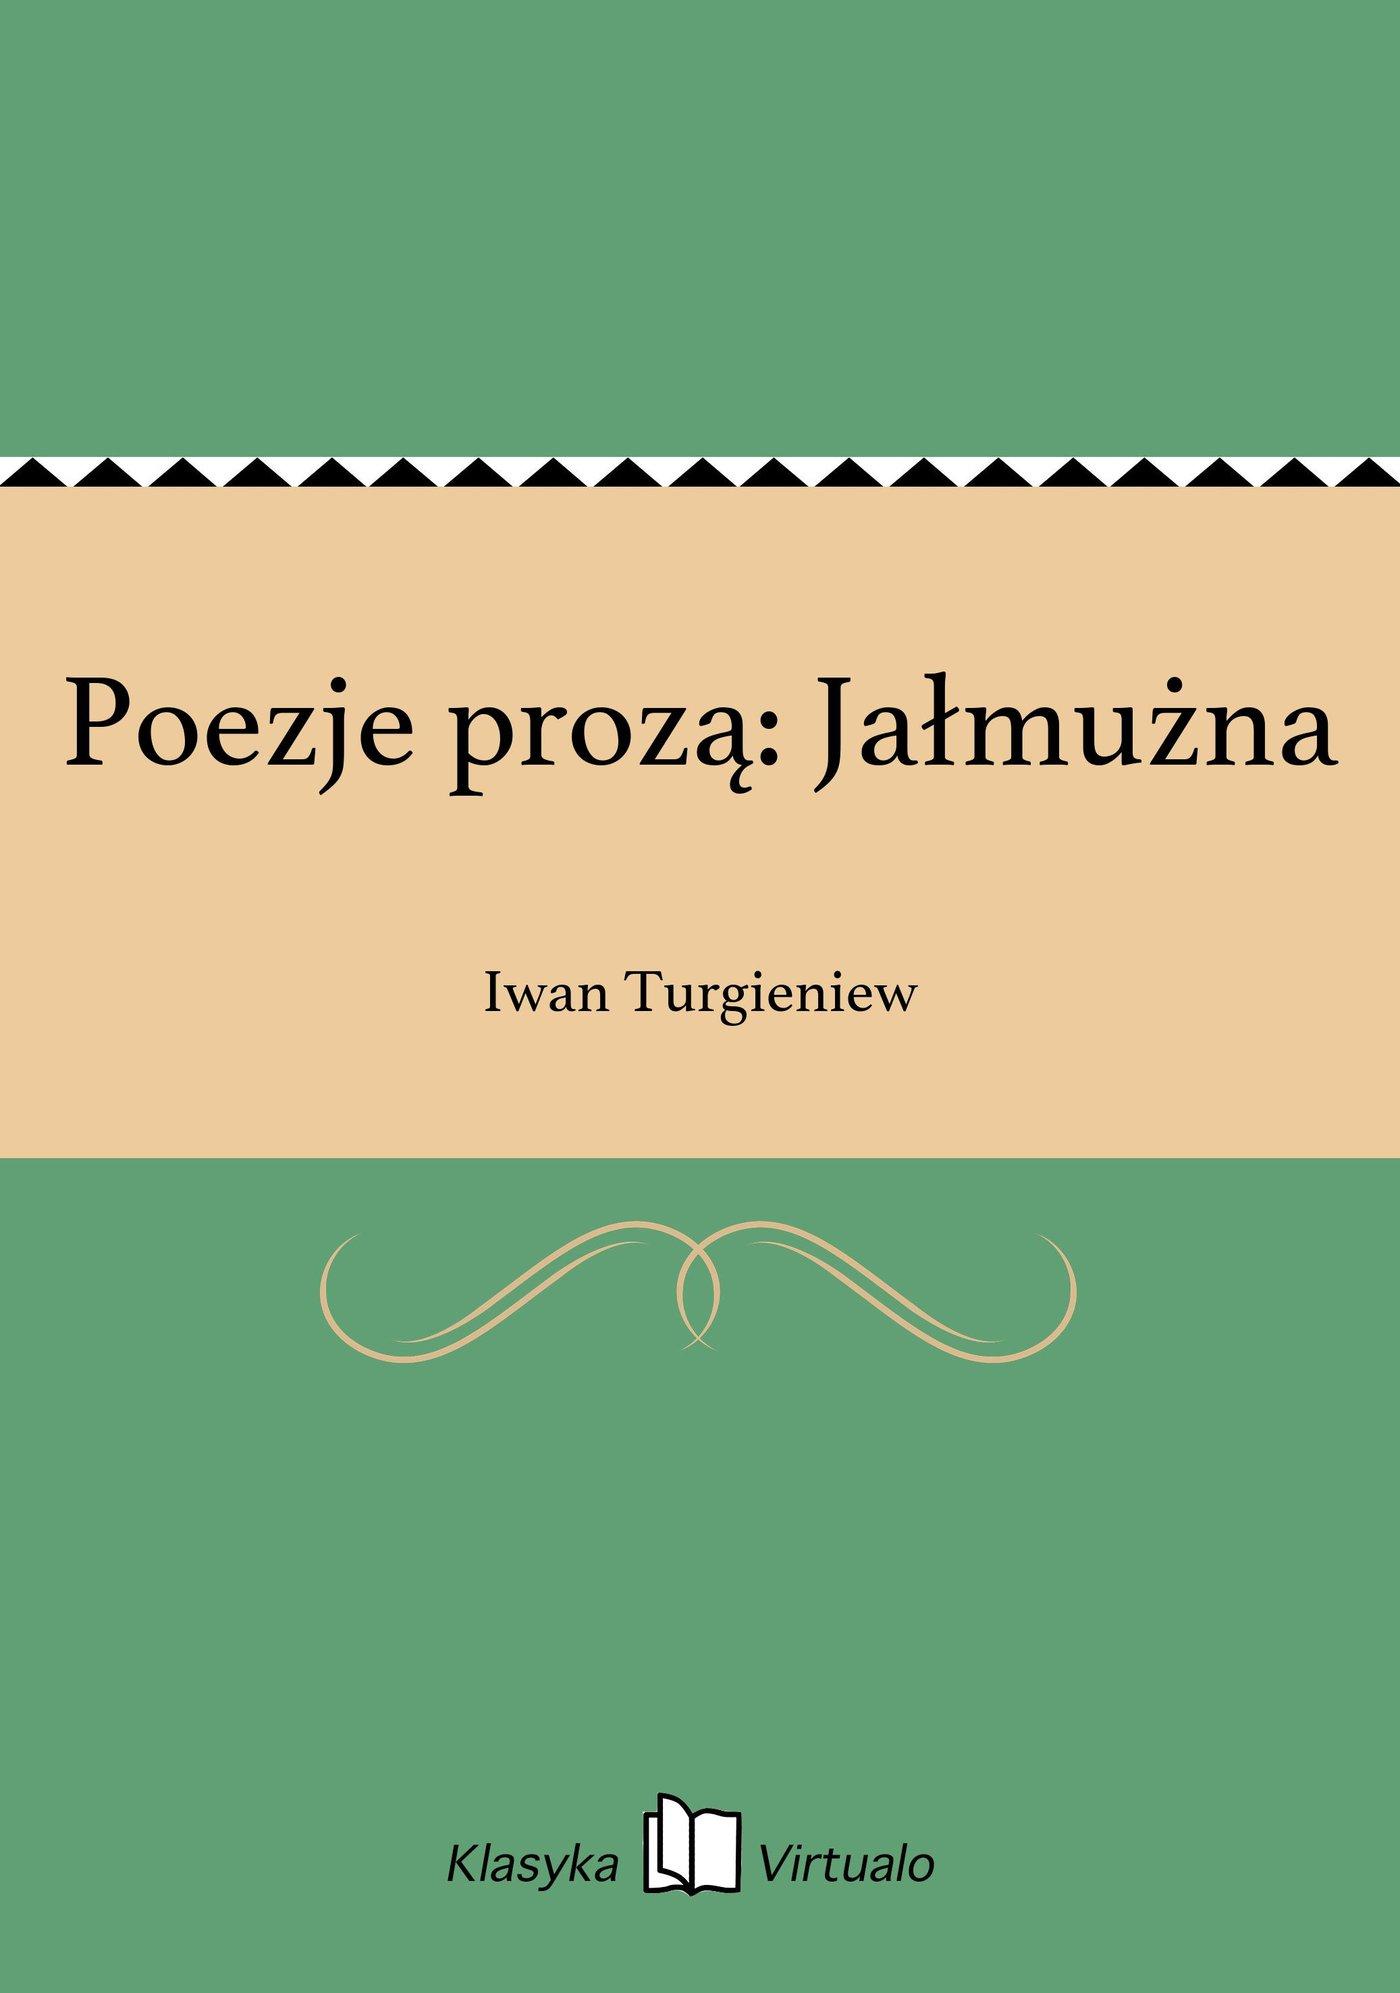 Poezje prozą: Jałmużna - Ebook (Książka na Kindle) do pobrania w formacie MOBI